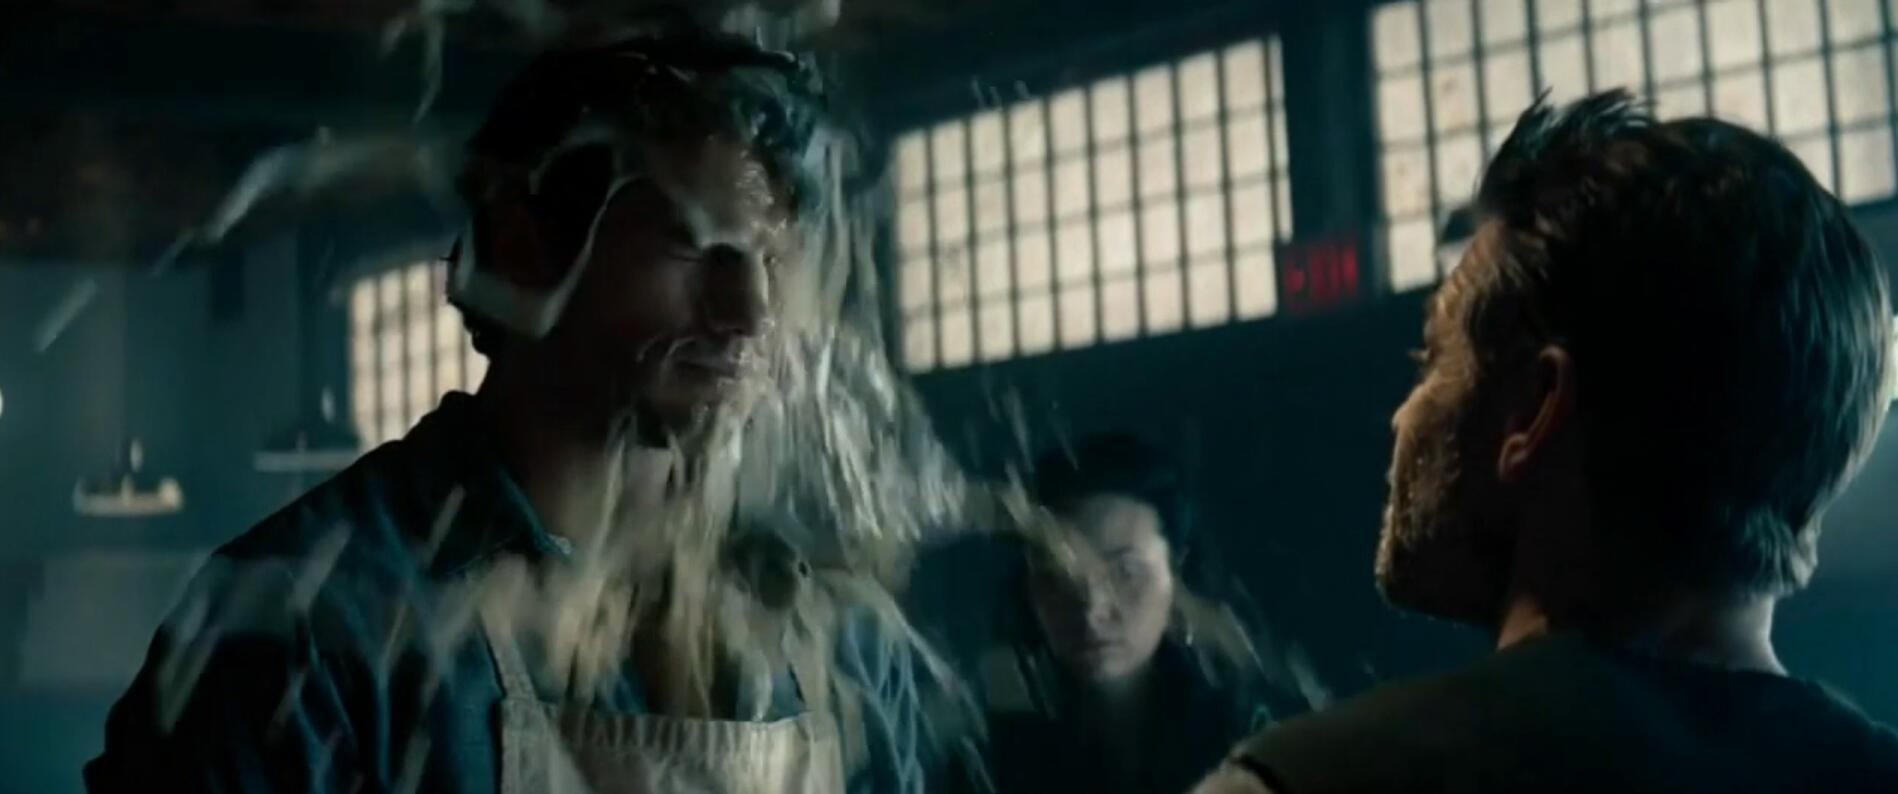 #经典看电影#刺头泼他脏水,却不知他是超人